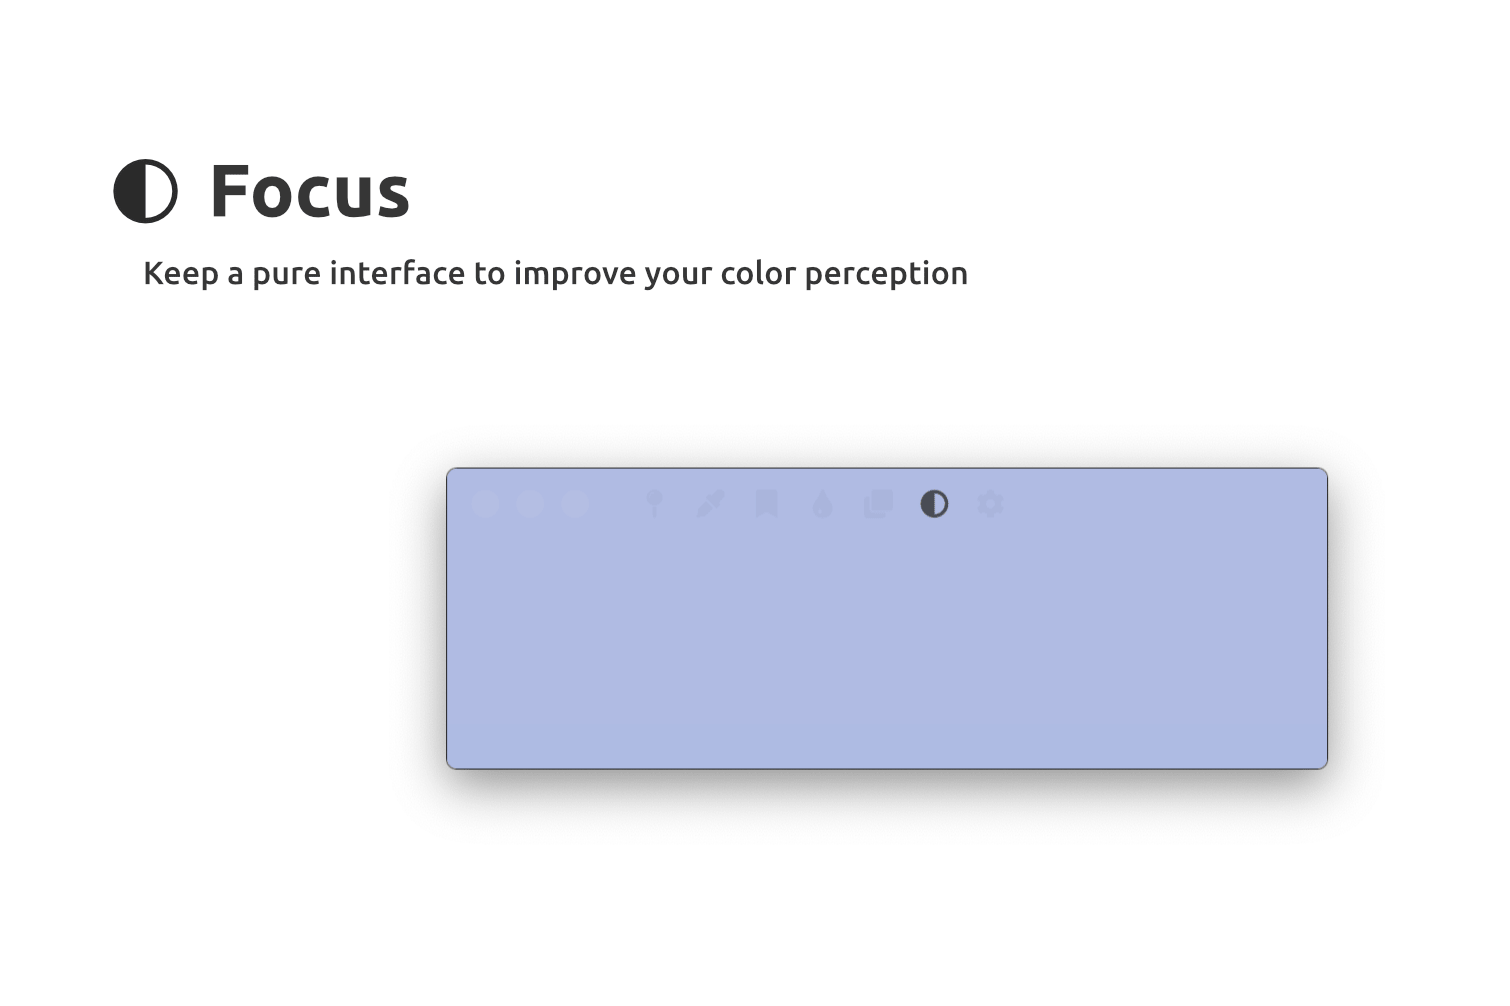 Focus screenshot